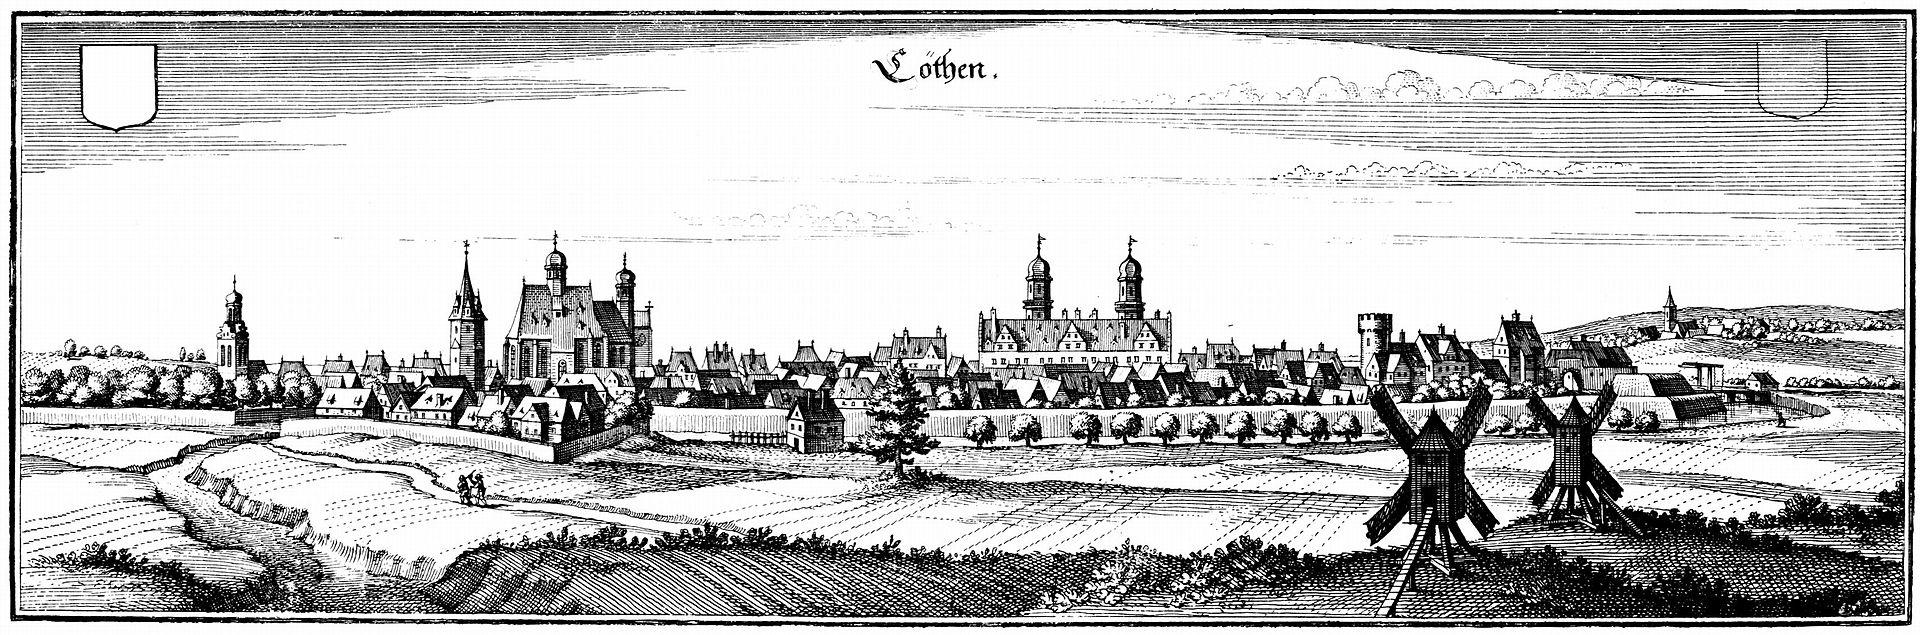 Koethen-1650-Merian.jpg